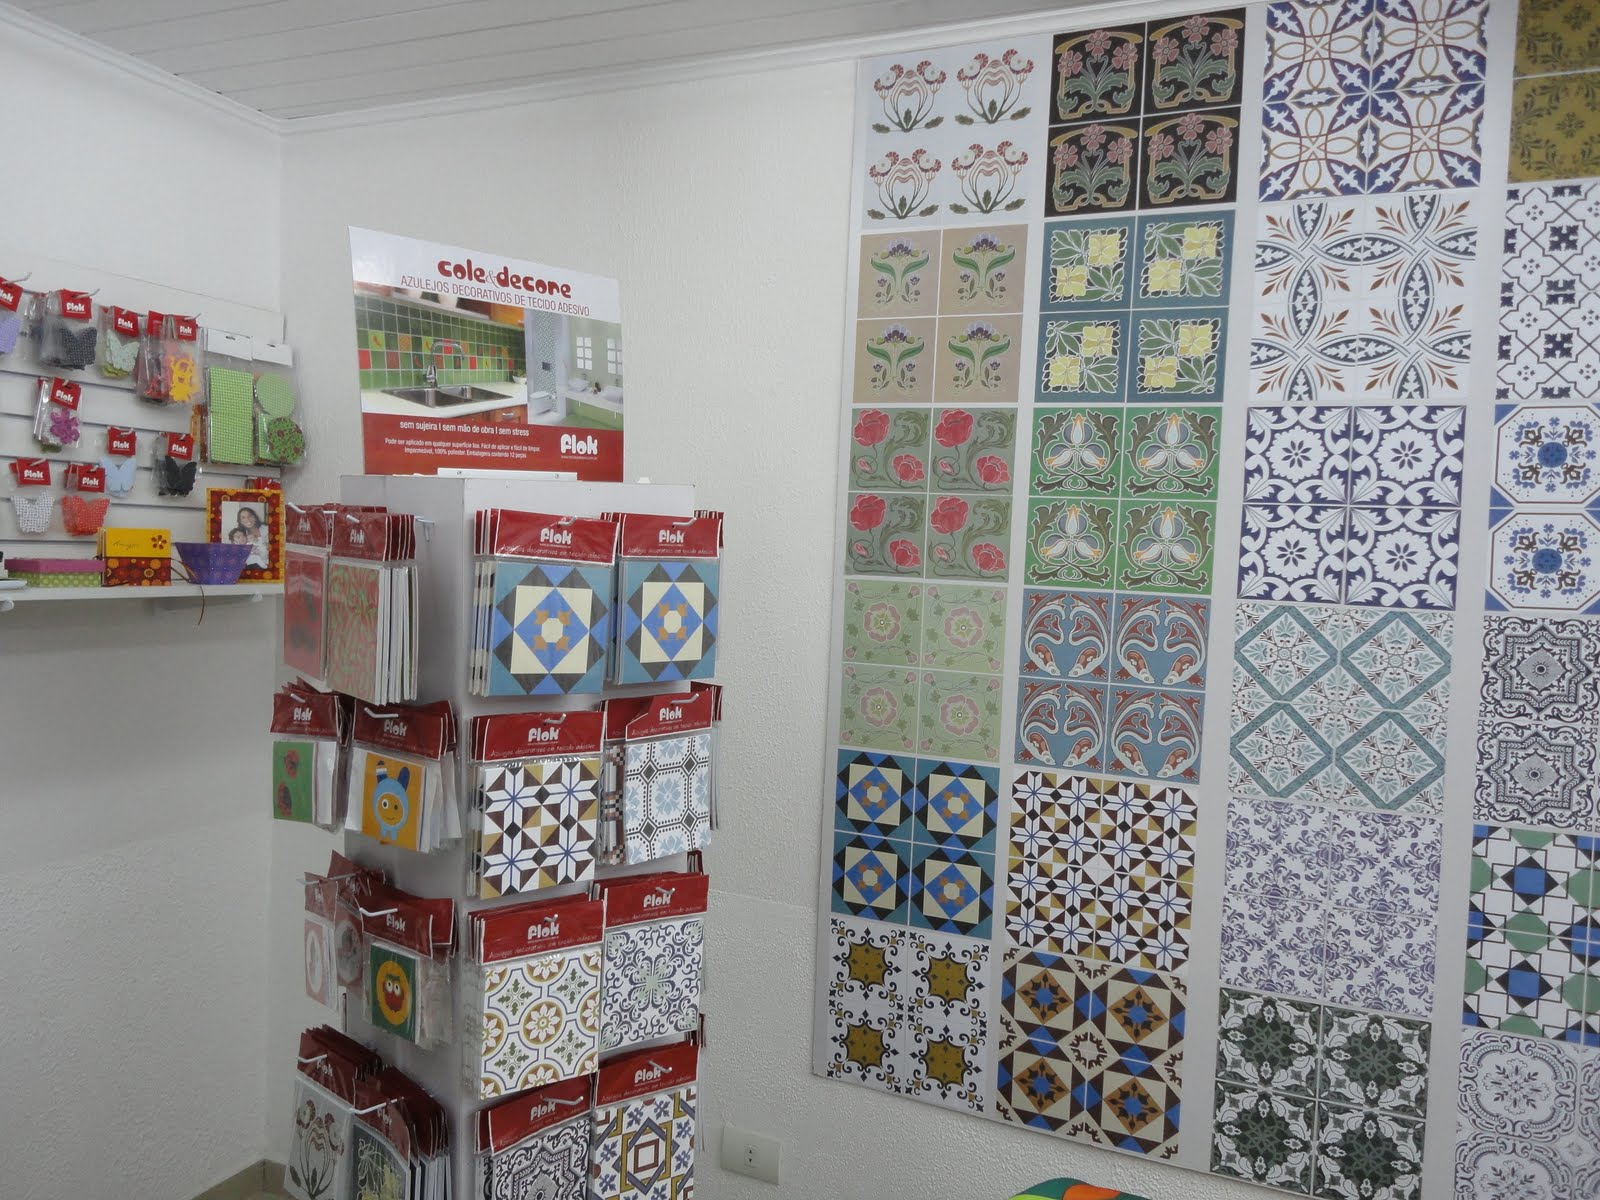 30 X 30 cm e 50 X 70 cm e mantas duplas para patchwork e cartonagem #733B35 1600x1200 Banheiro Com Azulejo Patchwork